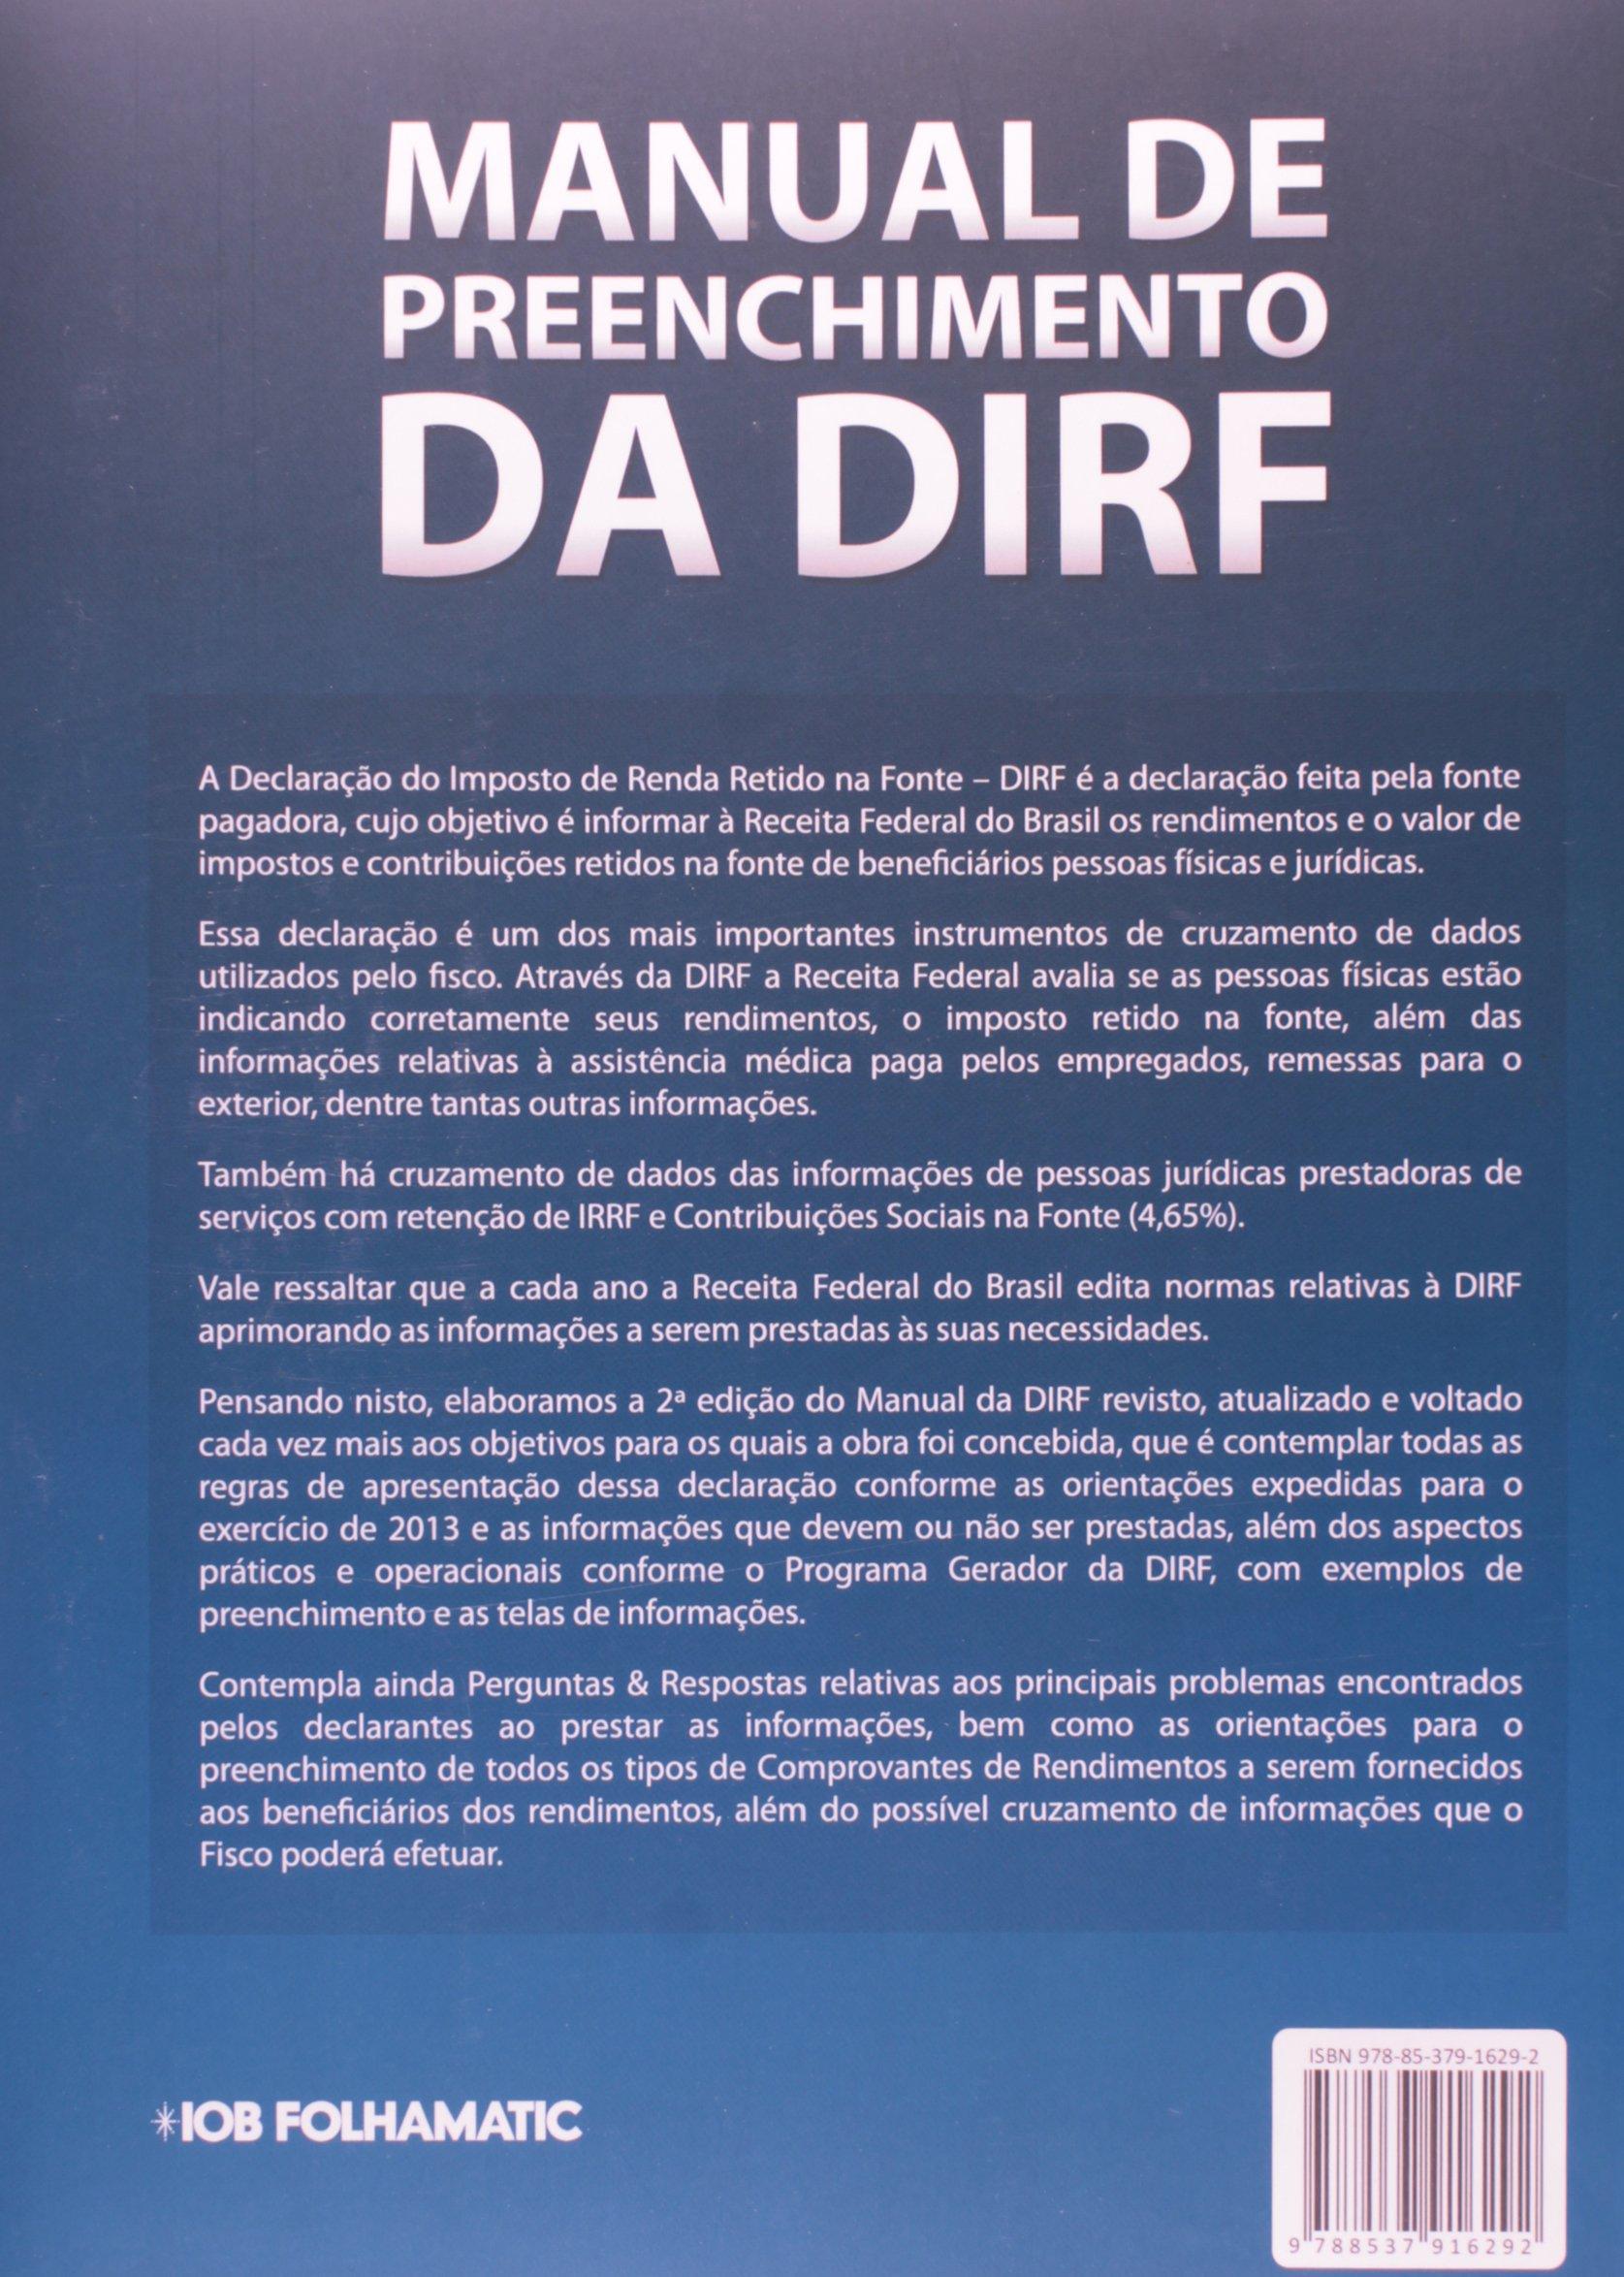 manual de preenchimento da d i r f 9788537916292 livros na rh amazon com br O Que E Dirf